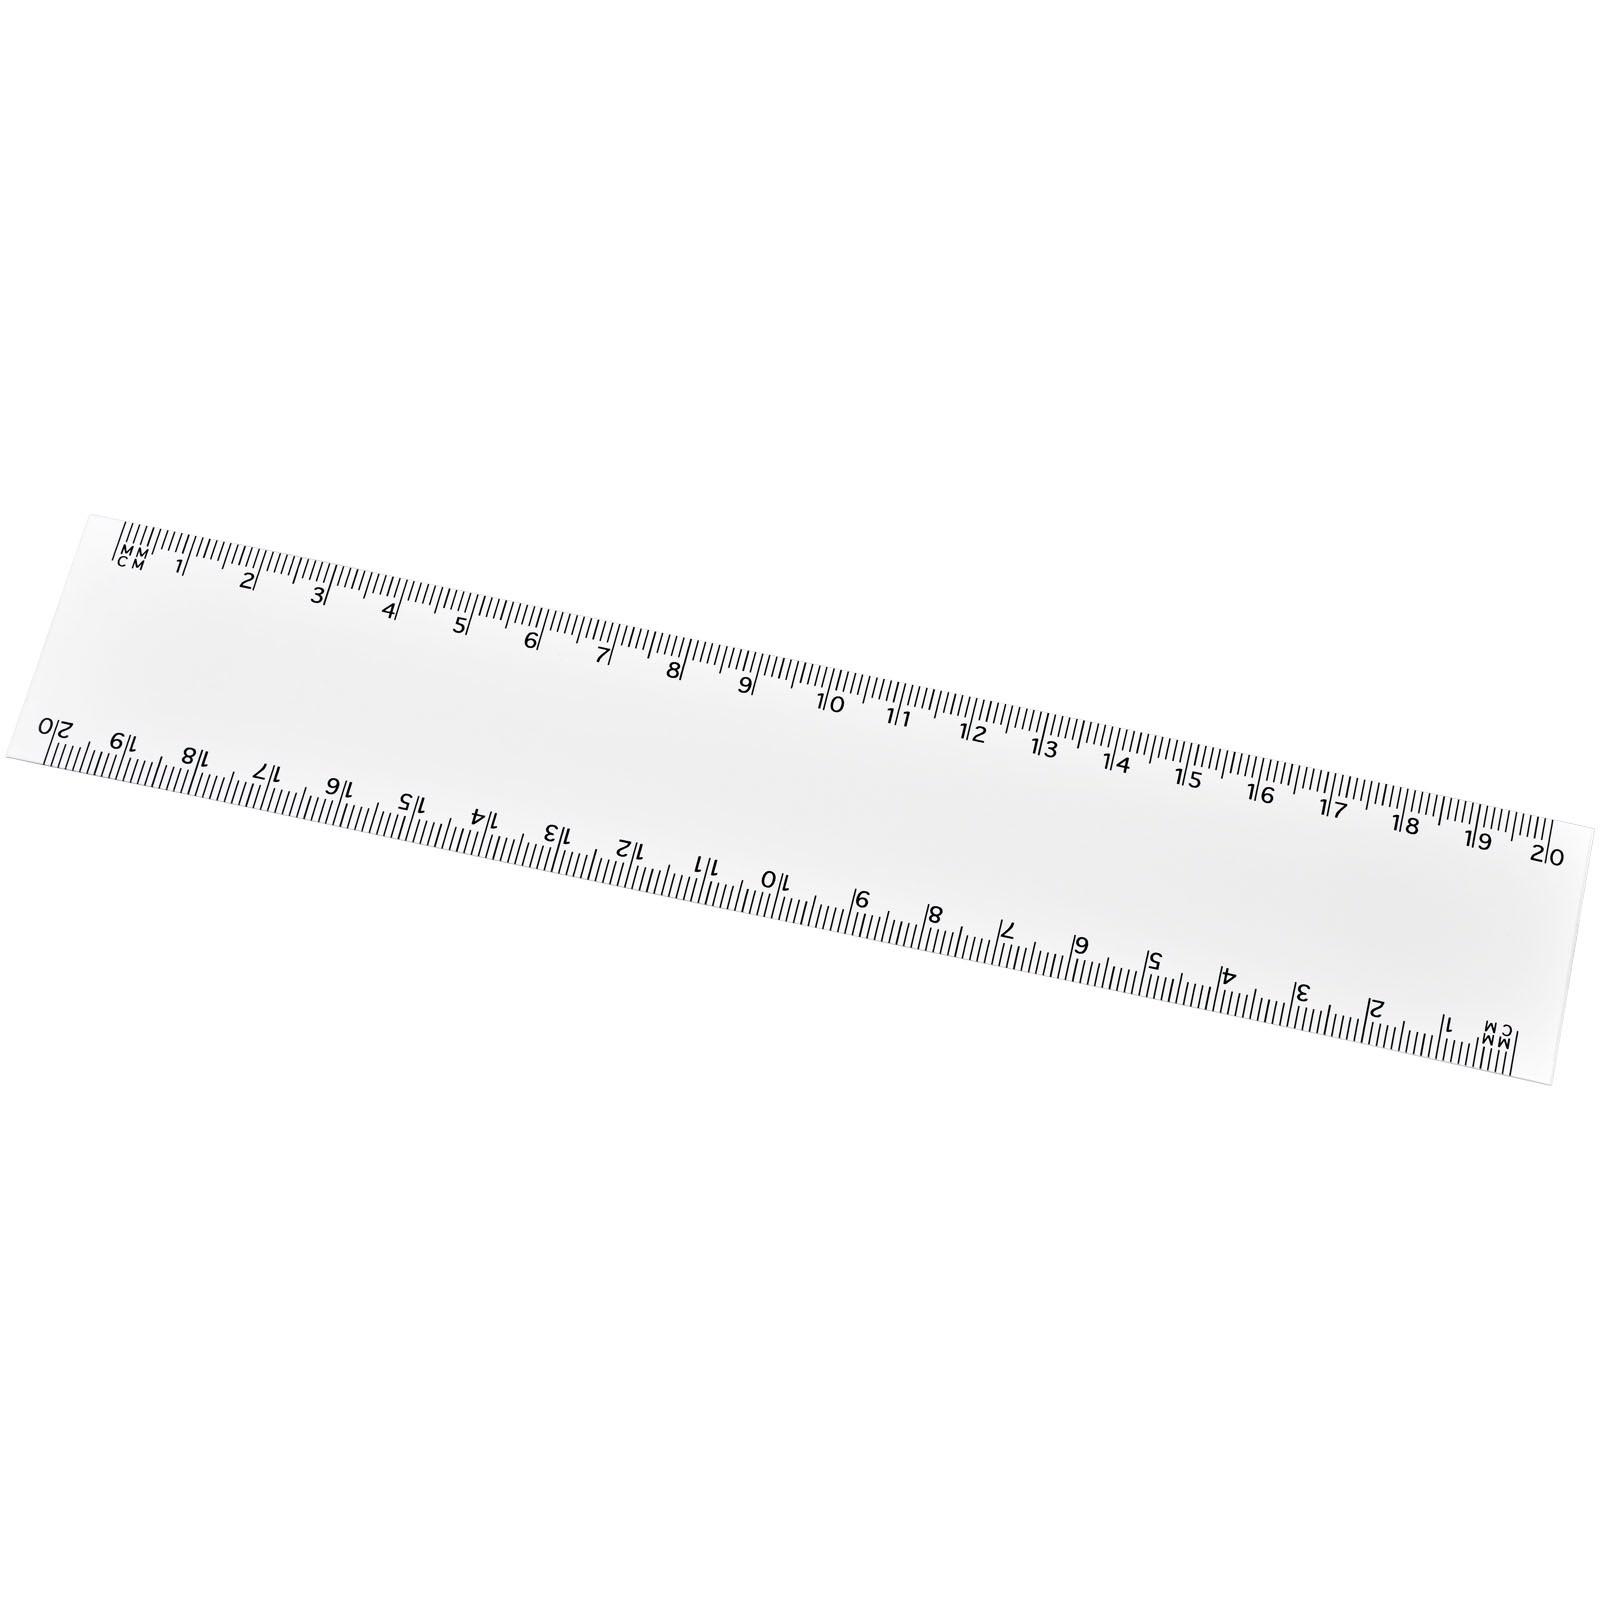 Arc 20 cm flexible ruler